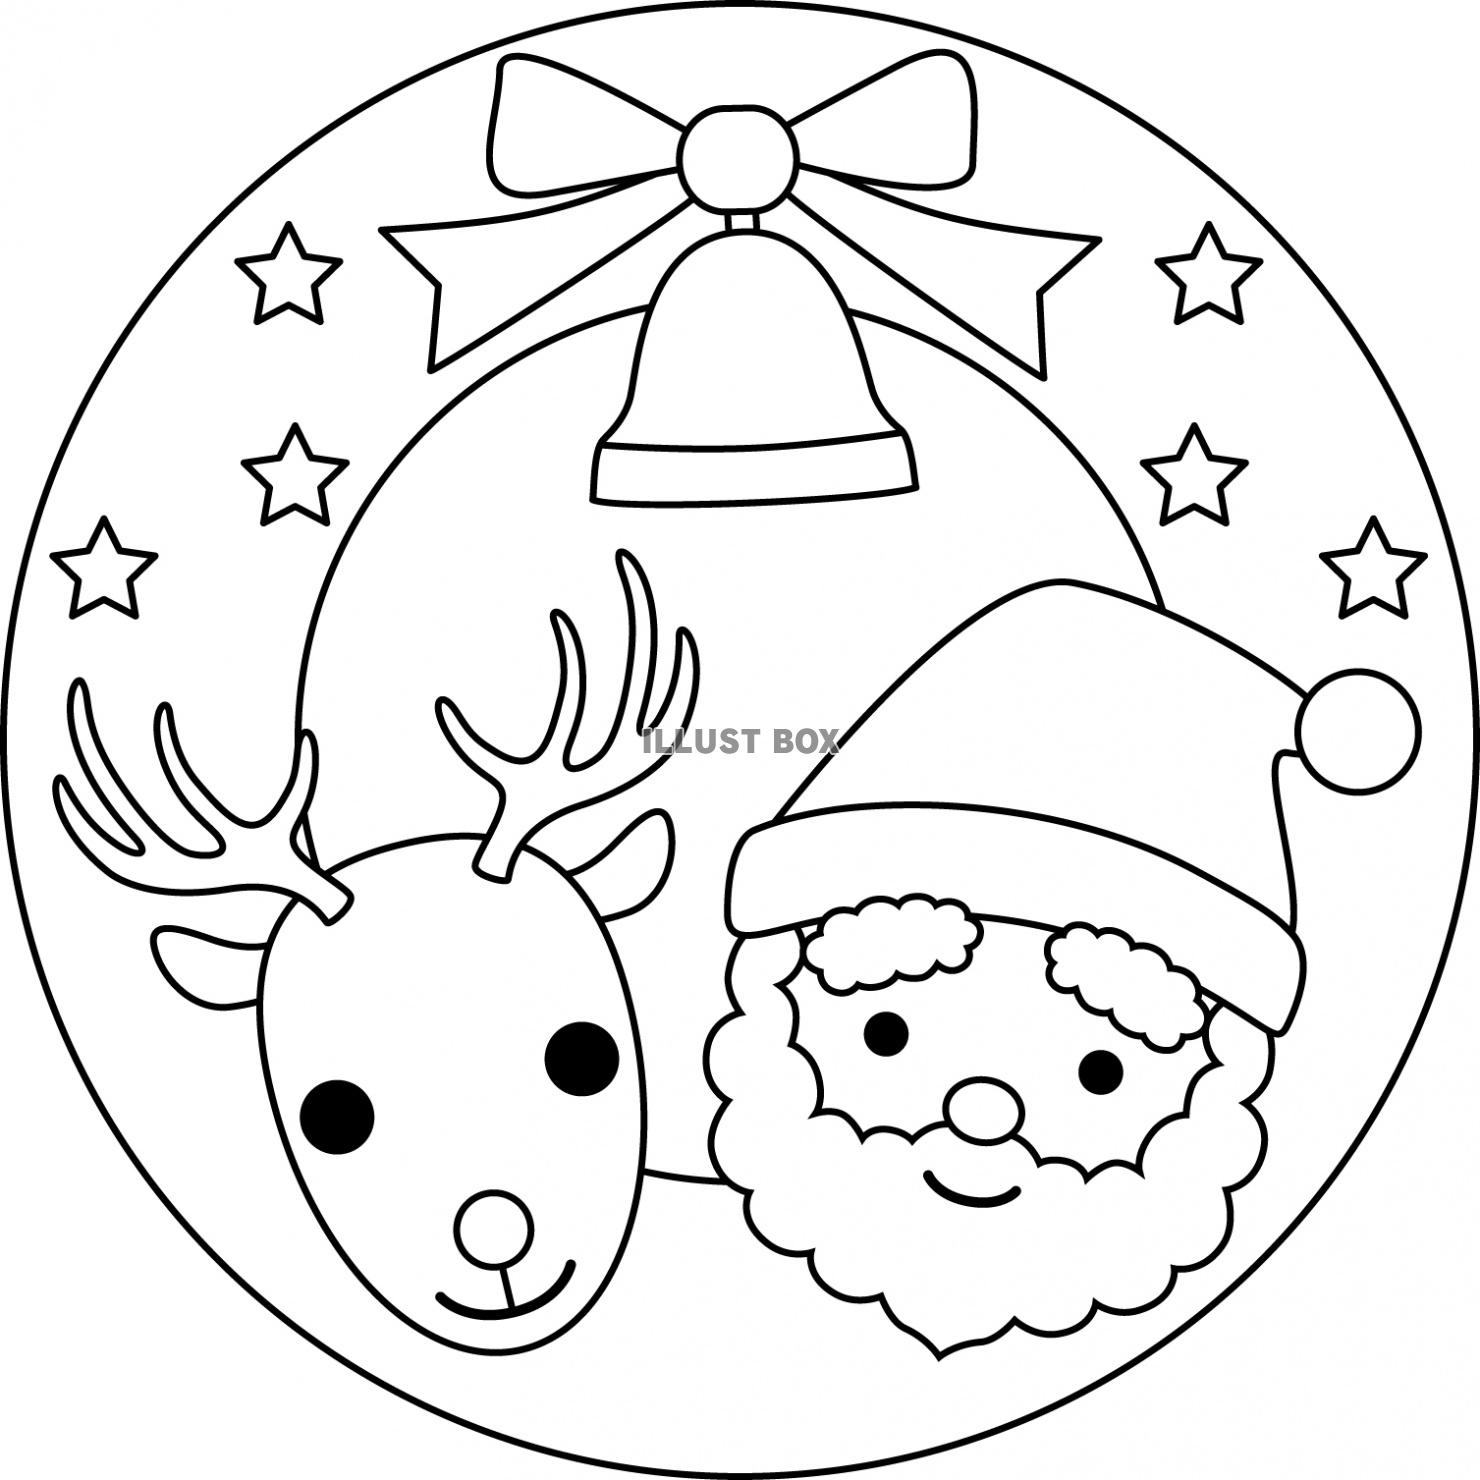 無料イラスト サンタとトナカイのミニリース白黒